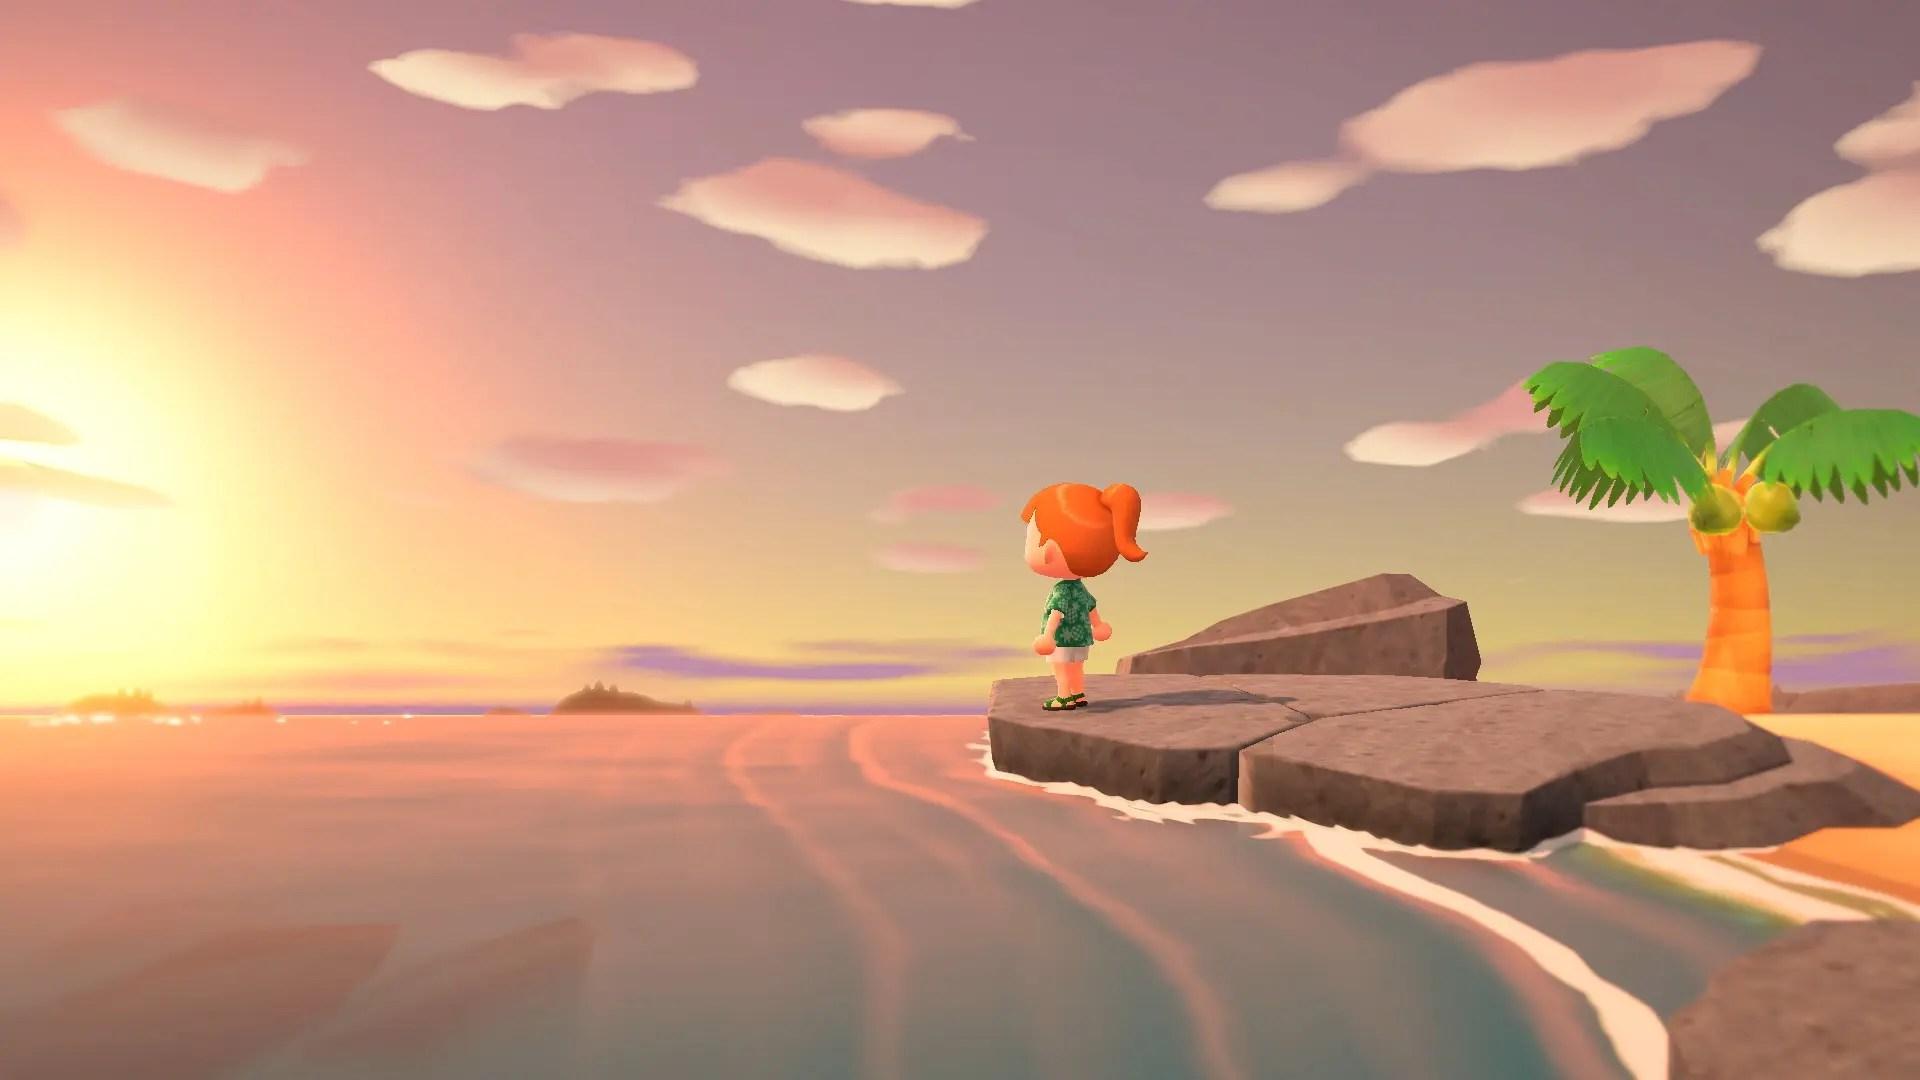 Animal Crossing: New Horizons E3 2019 Screenshot 6